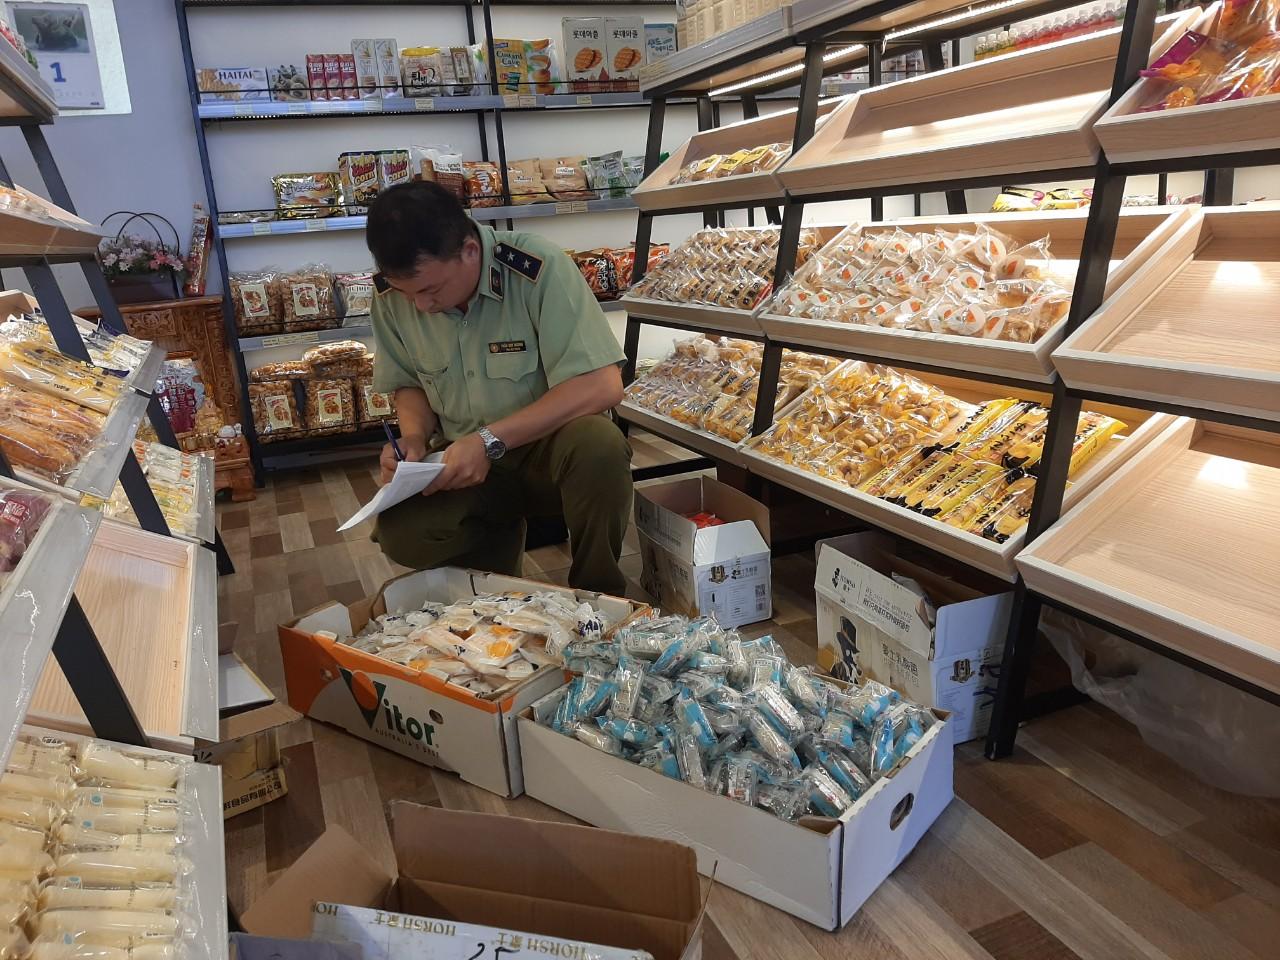 Đội QLTT số 7: Phát hiện, xử lý 585 cái bánh không rõ nguồn gốc, xuất xứ